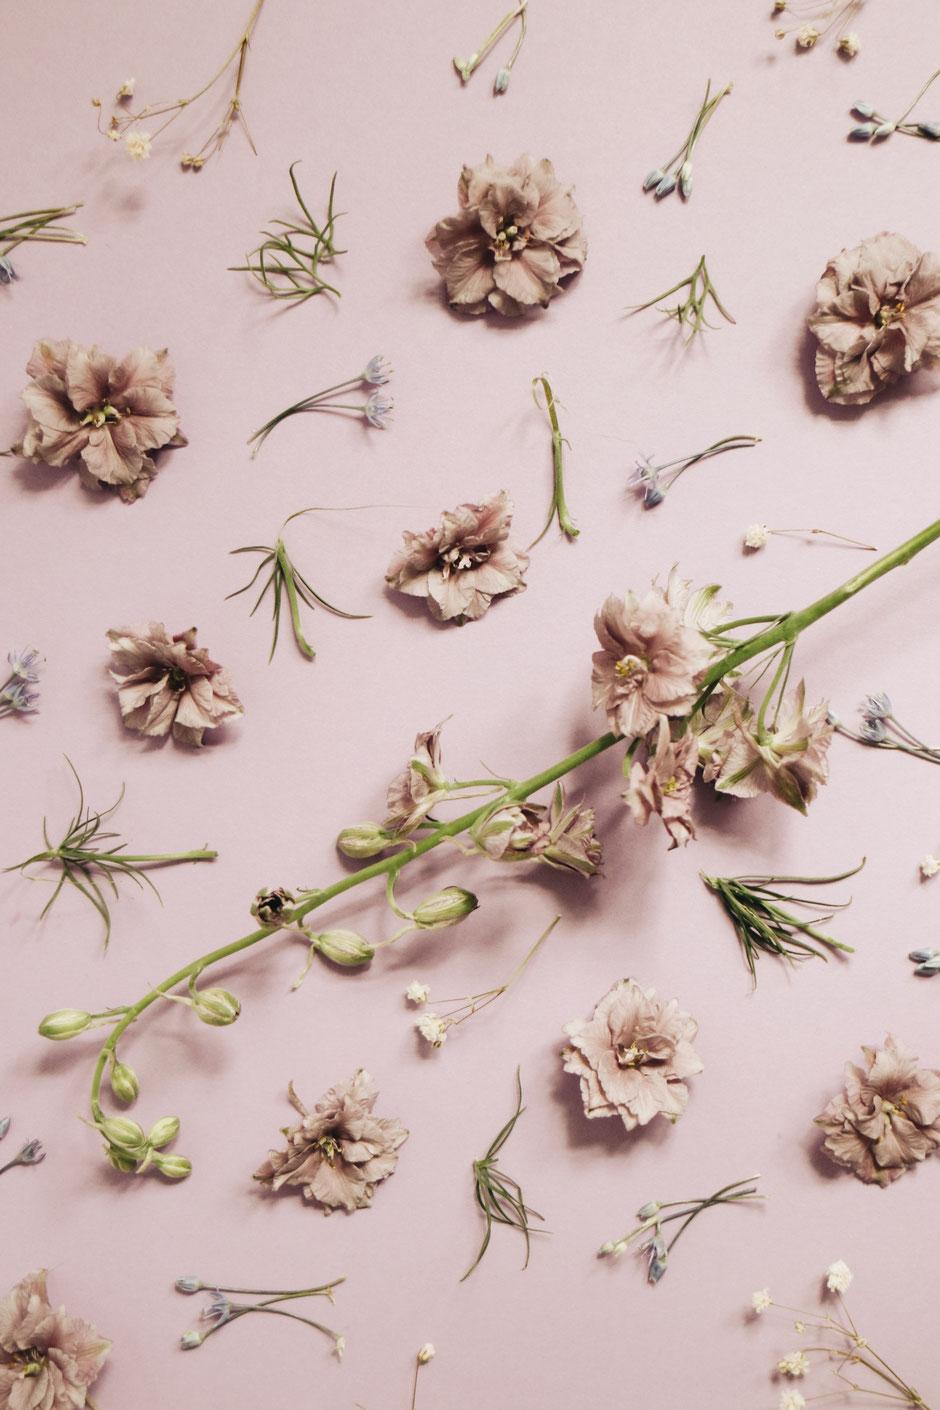 La cinquième Saison sélectionne ses fleurs, séchées et stabilisées, une à une, avec soin pour vous proposer des créations de grande qualité